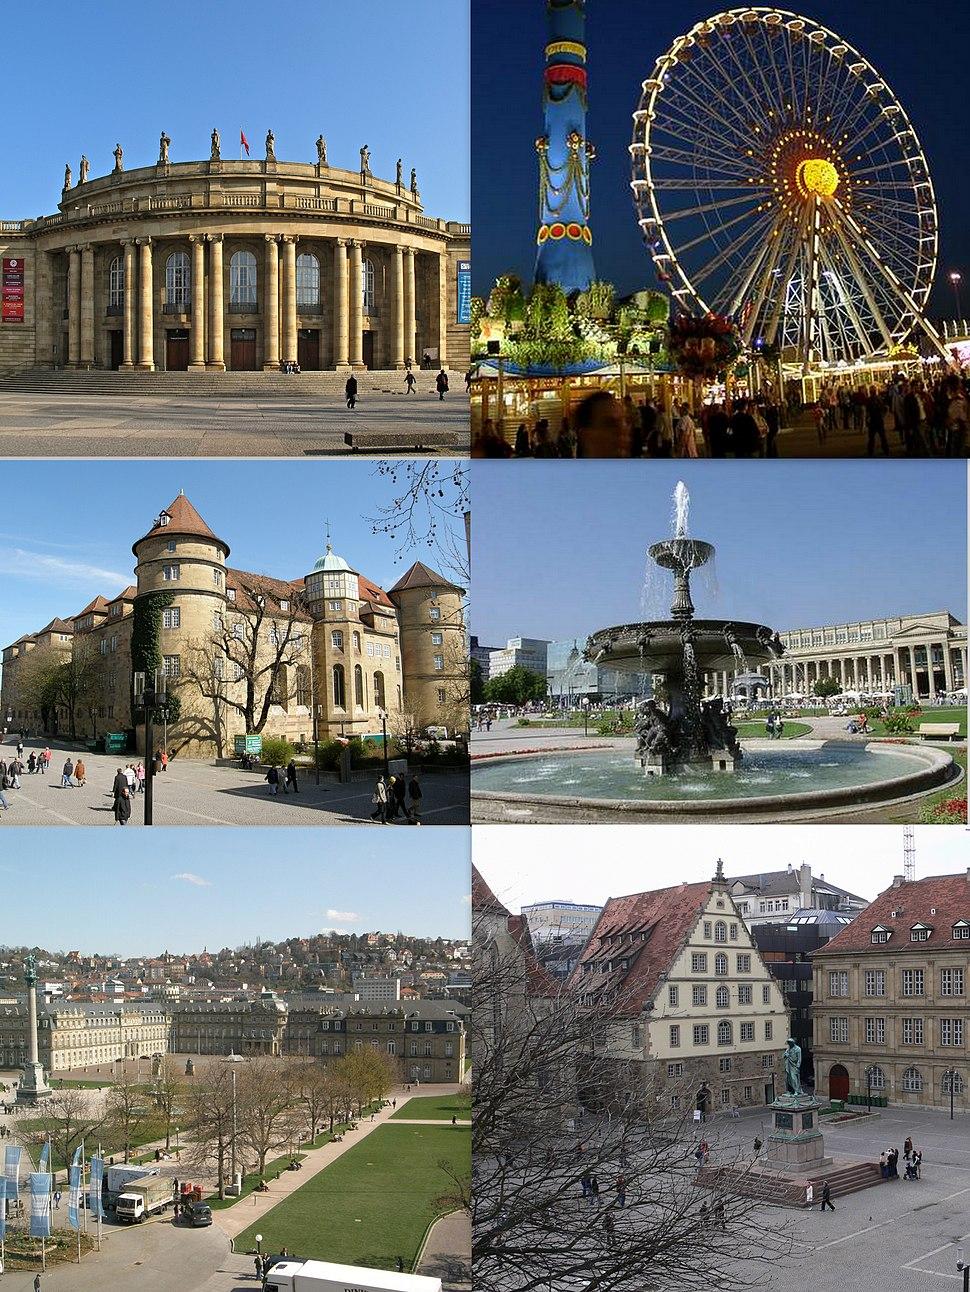 Clockwise from top left: Staatstheater, Cannstatter Volksfest in Bad Cannstatt, fountain at Schlossplatz, Fruchtkasten façade and the statue of Friedrich Schiller at Schillerplatz, New Palace, and Old Castle at Schillerplatz